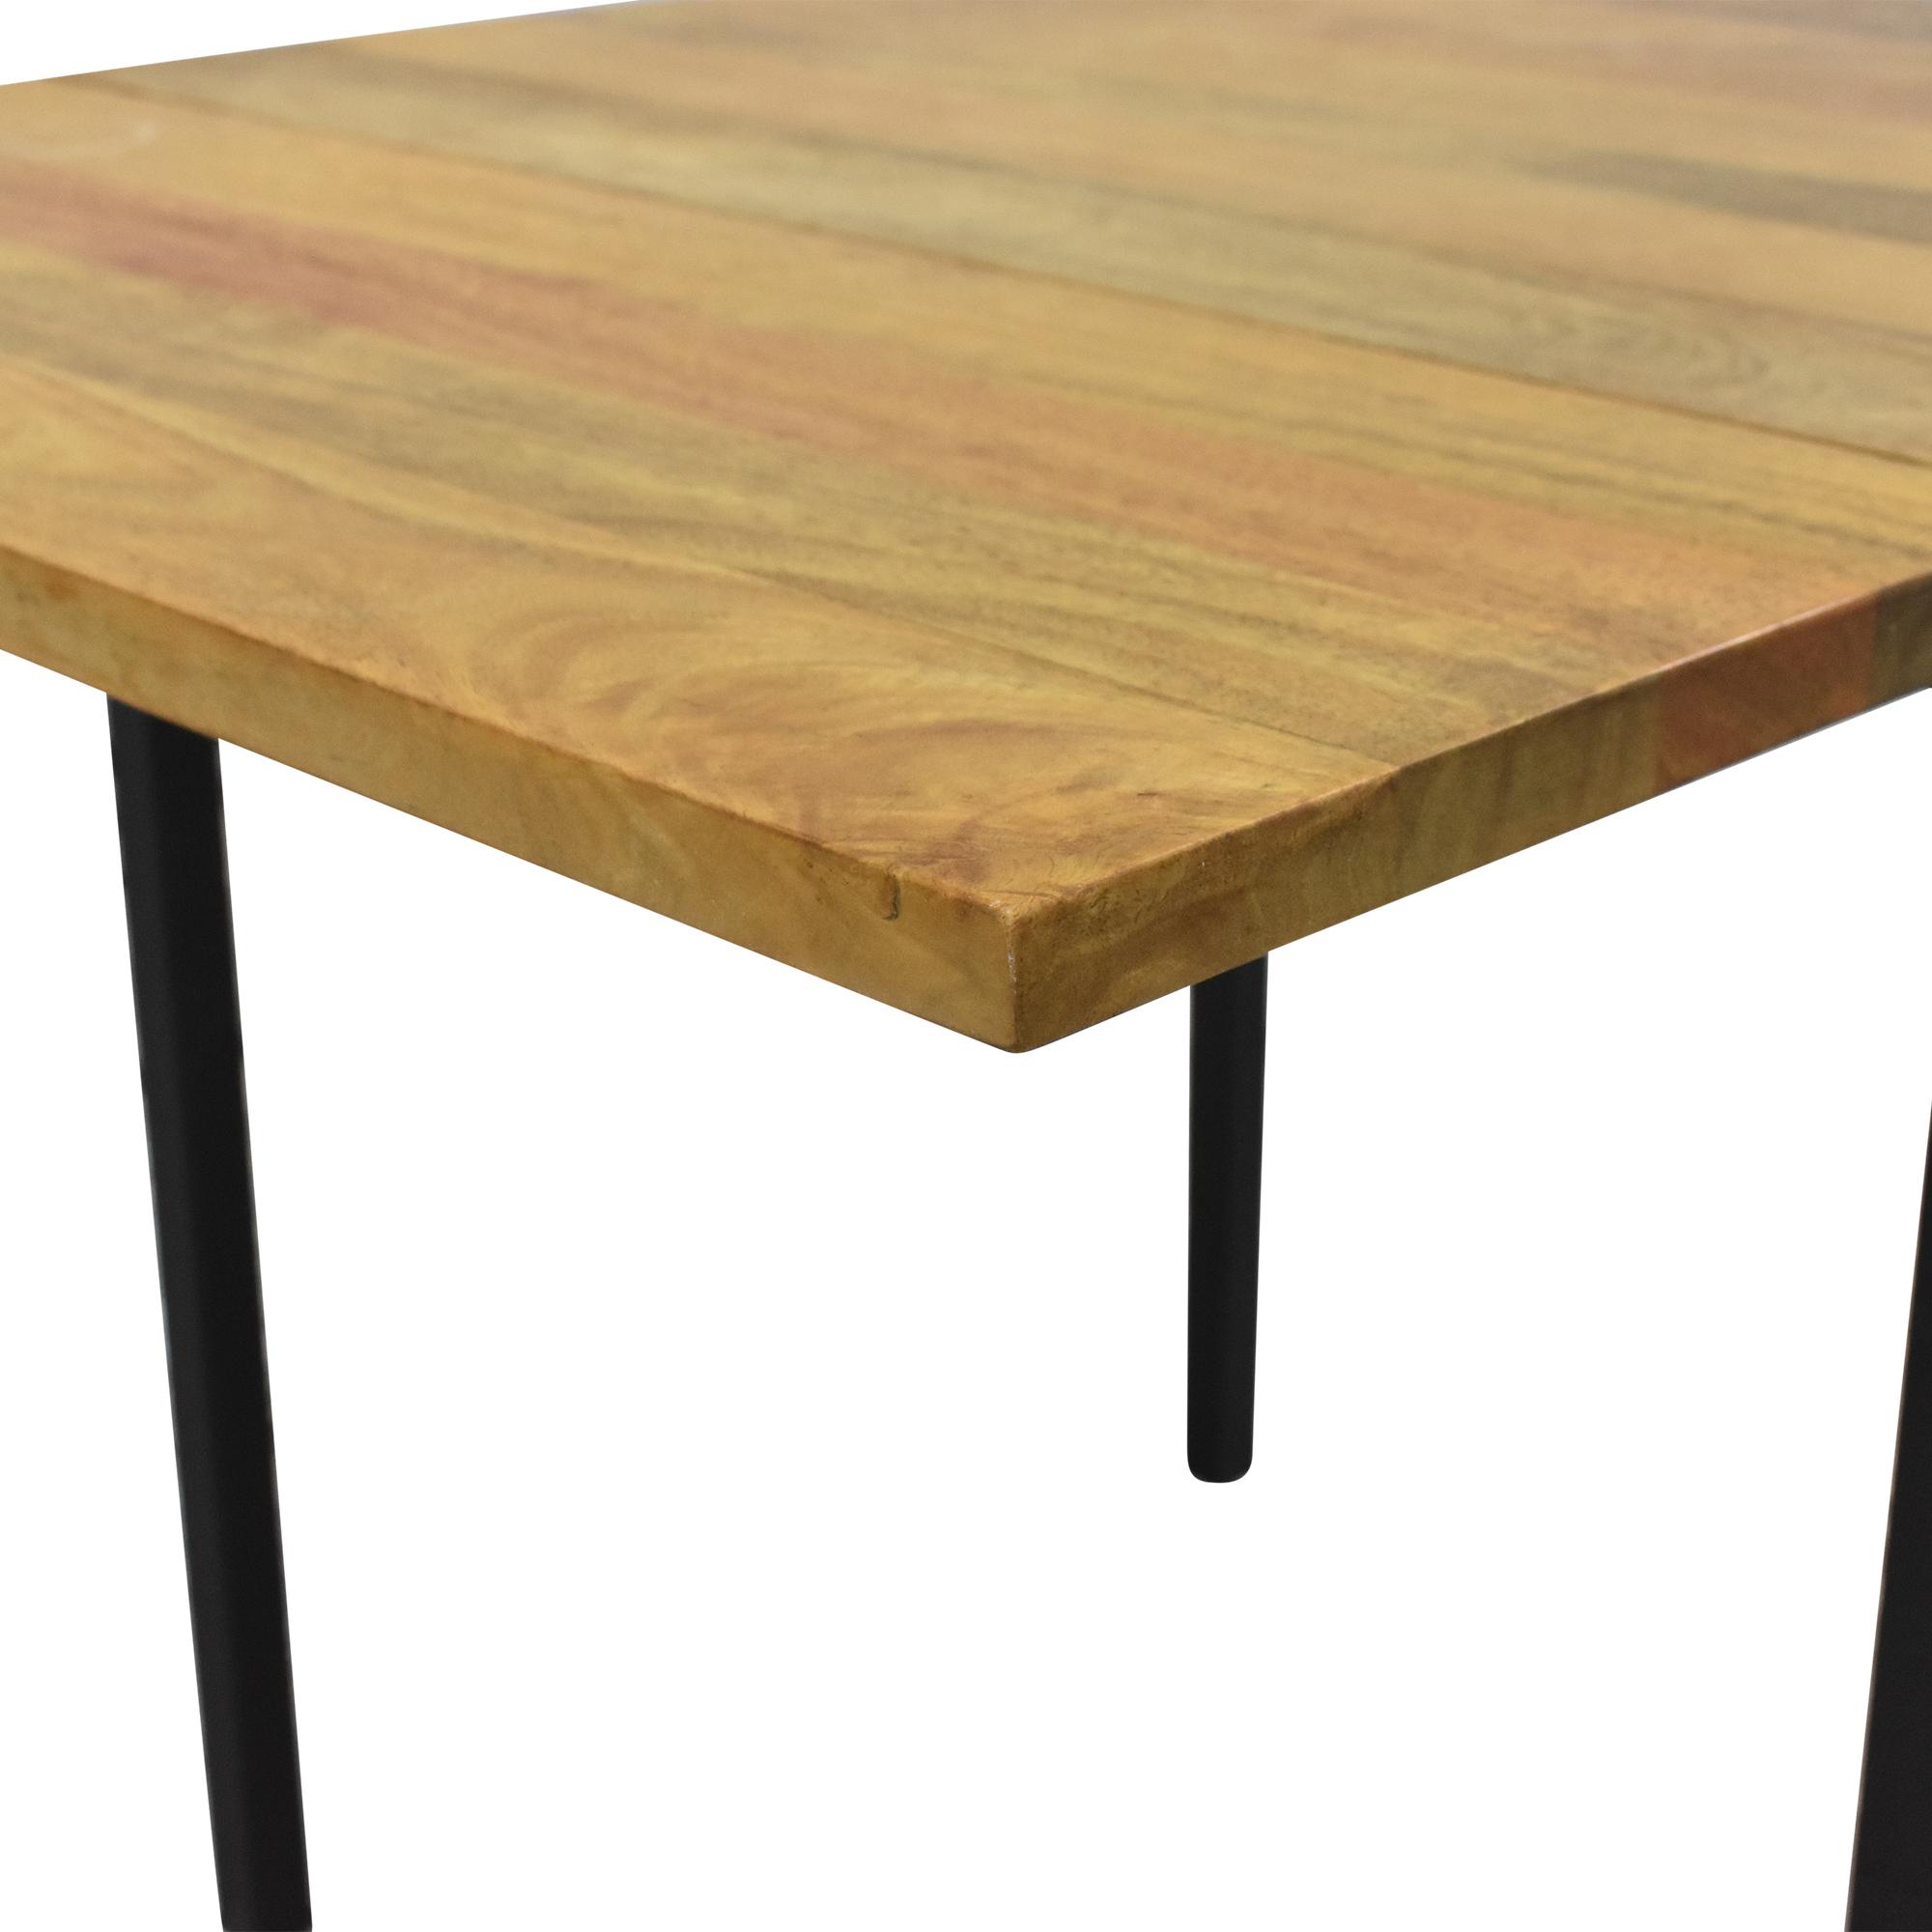 West Elm West Elm Box Frame Drop Leaf Expandable Table nj